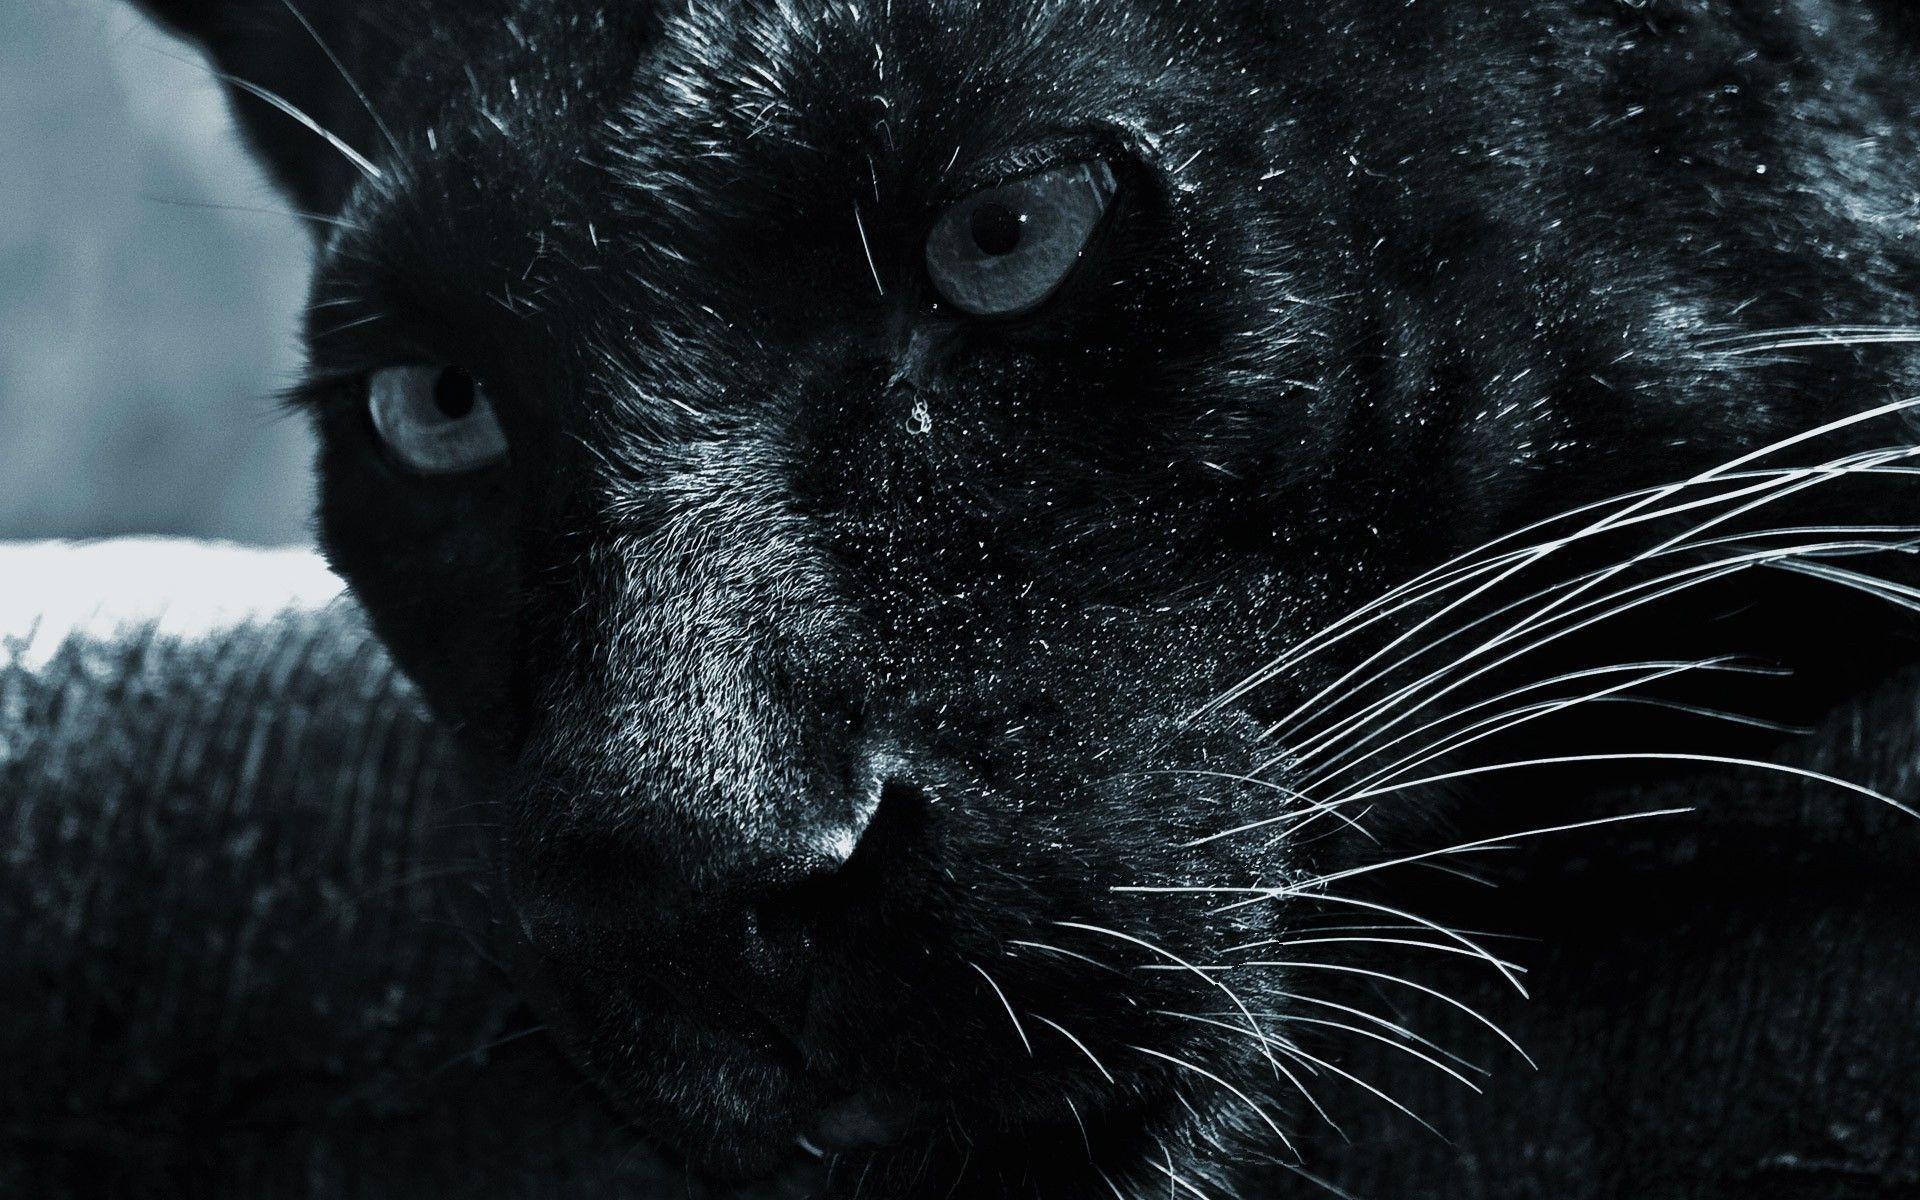 Black Panther Wallpaper Download Free Amazing Hd